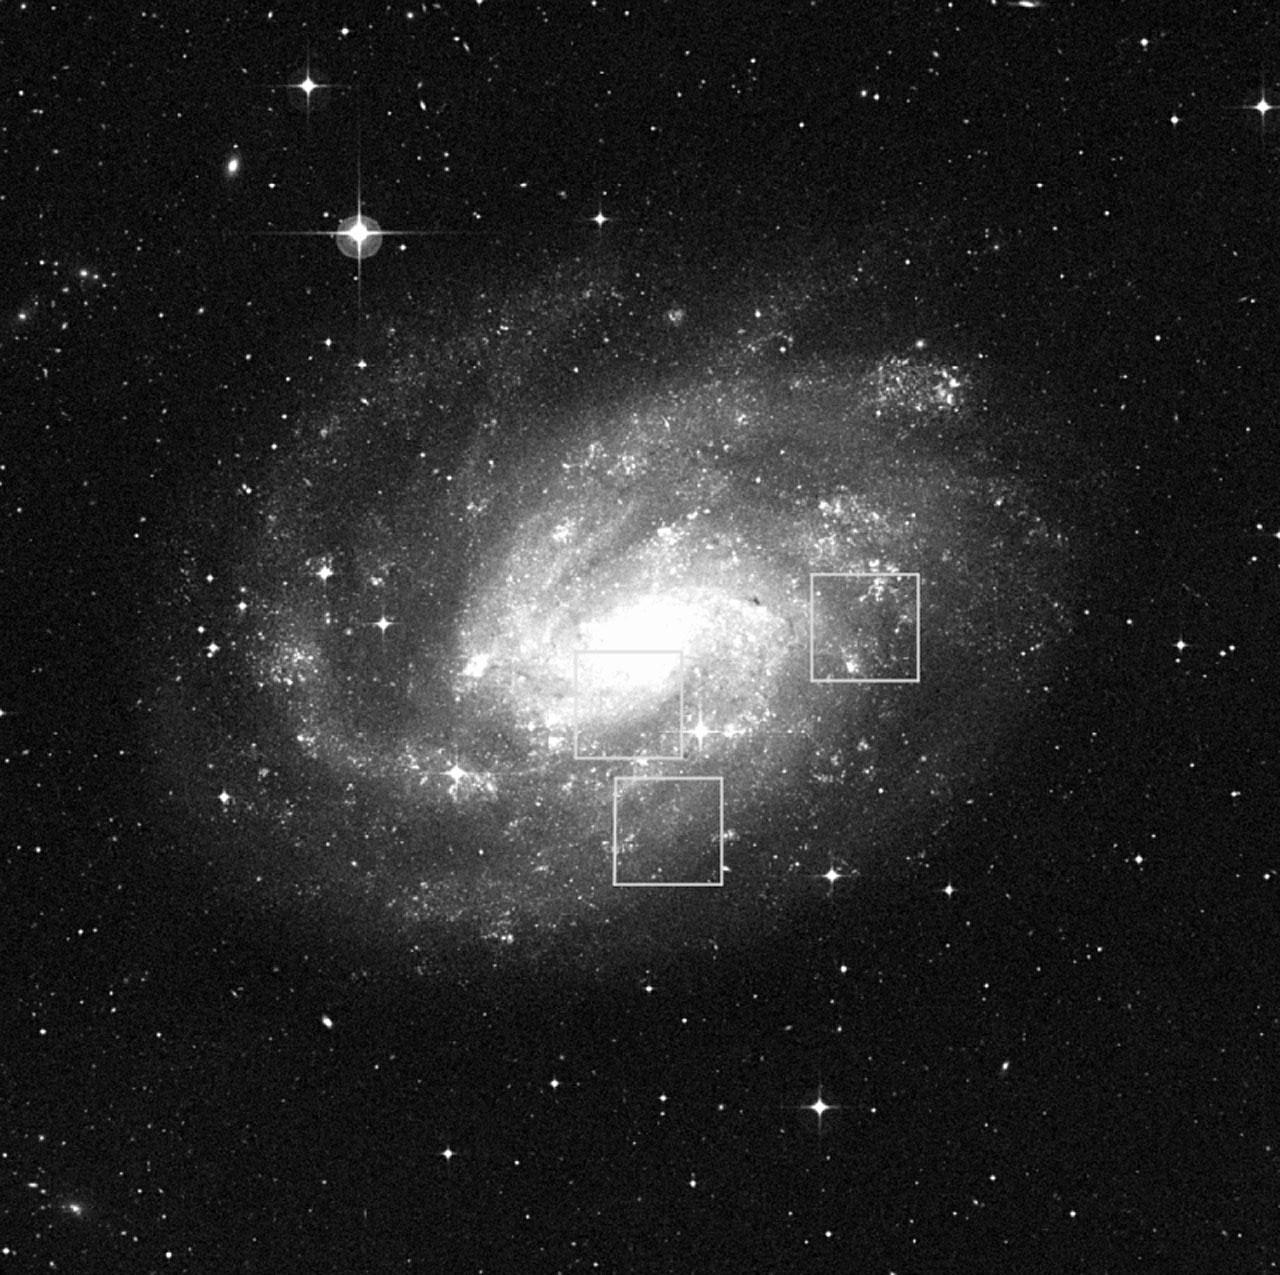 La galaxia NGC 300